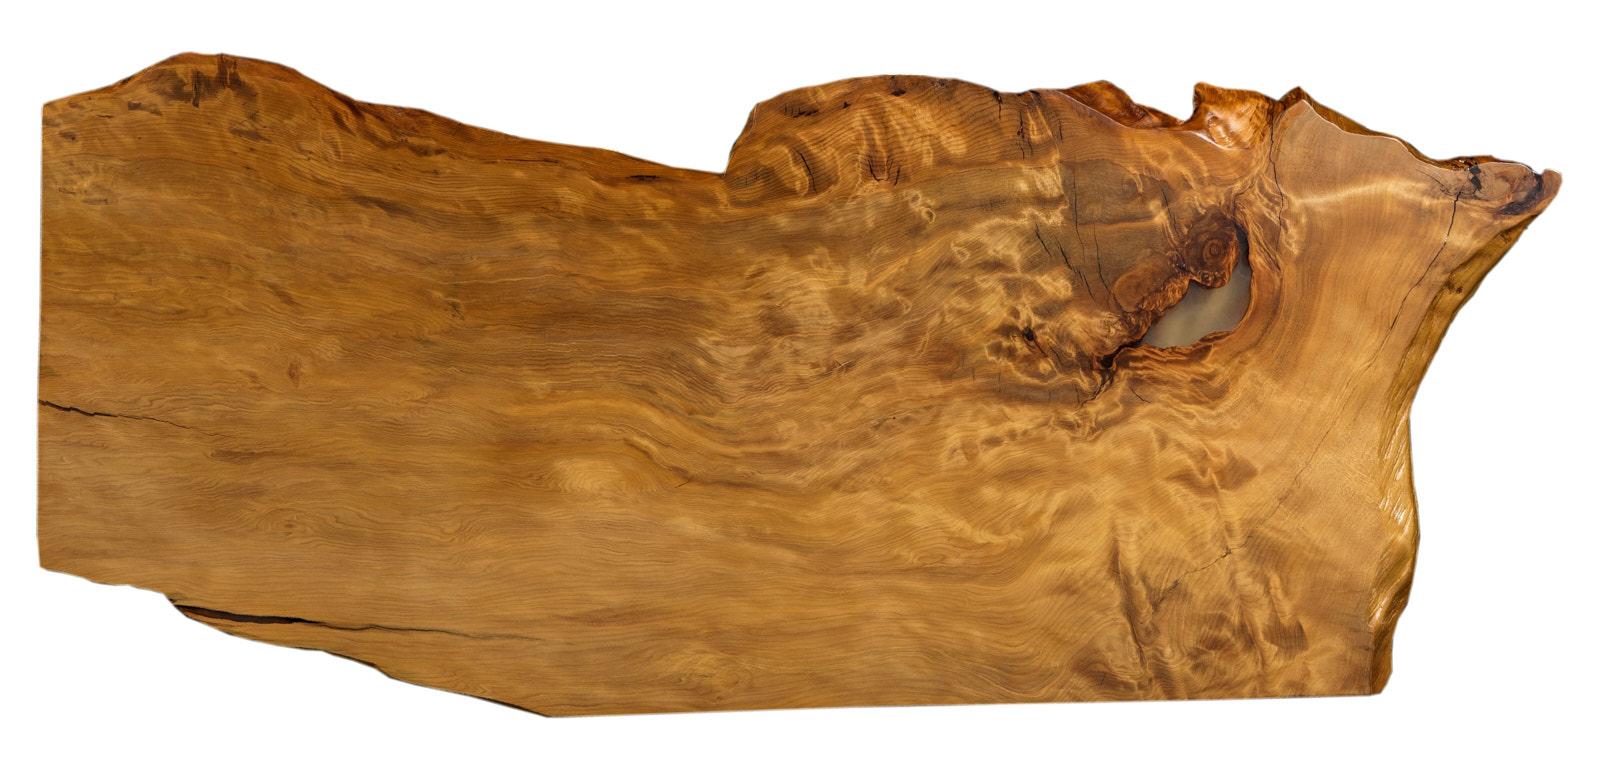 Tischunikat exklusiver Kauri Wurzeltisch ein Kunstwerk der Natur, ein außergewöhnlicher Esstisch wertbeständig mit neuartige Oberflächenveredelung